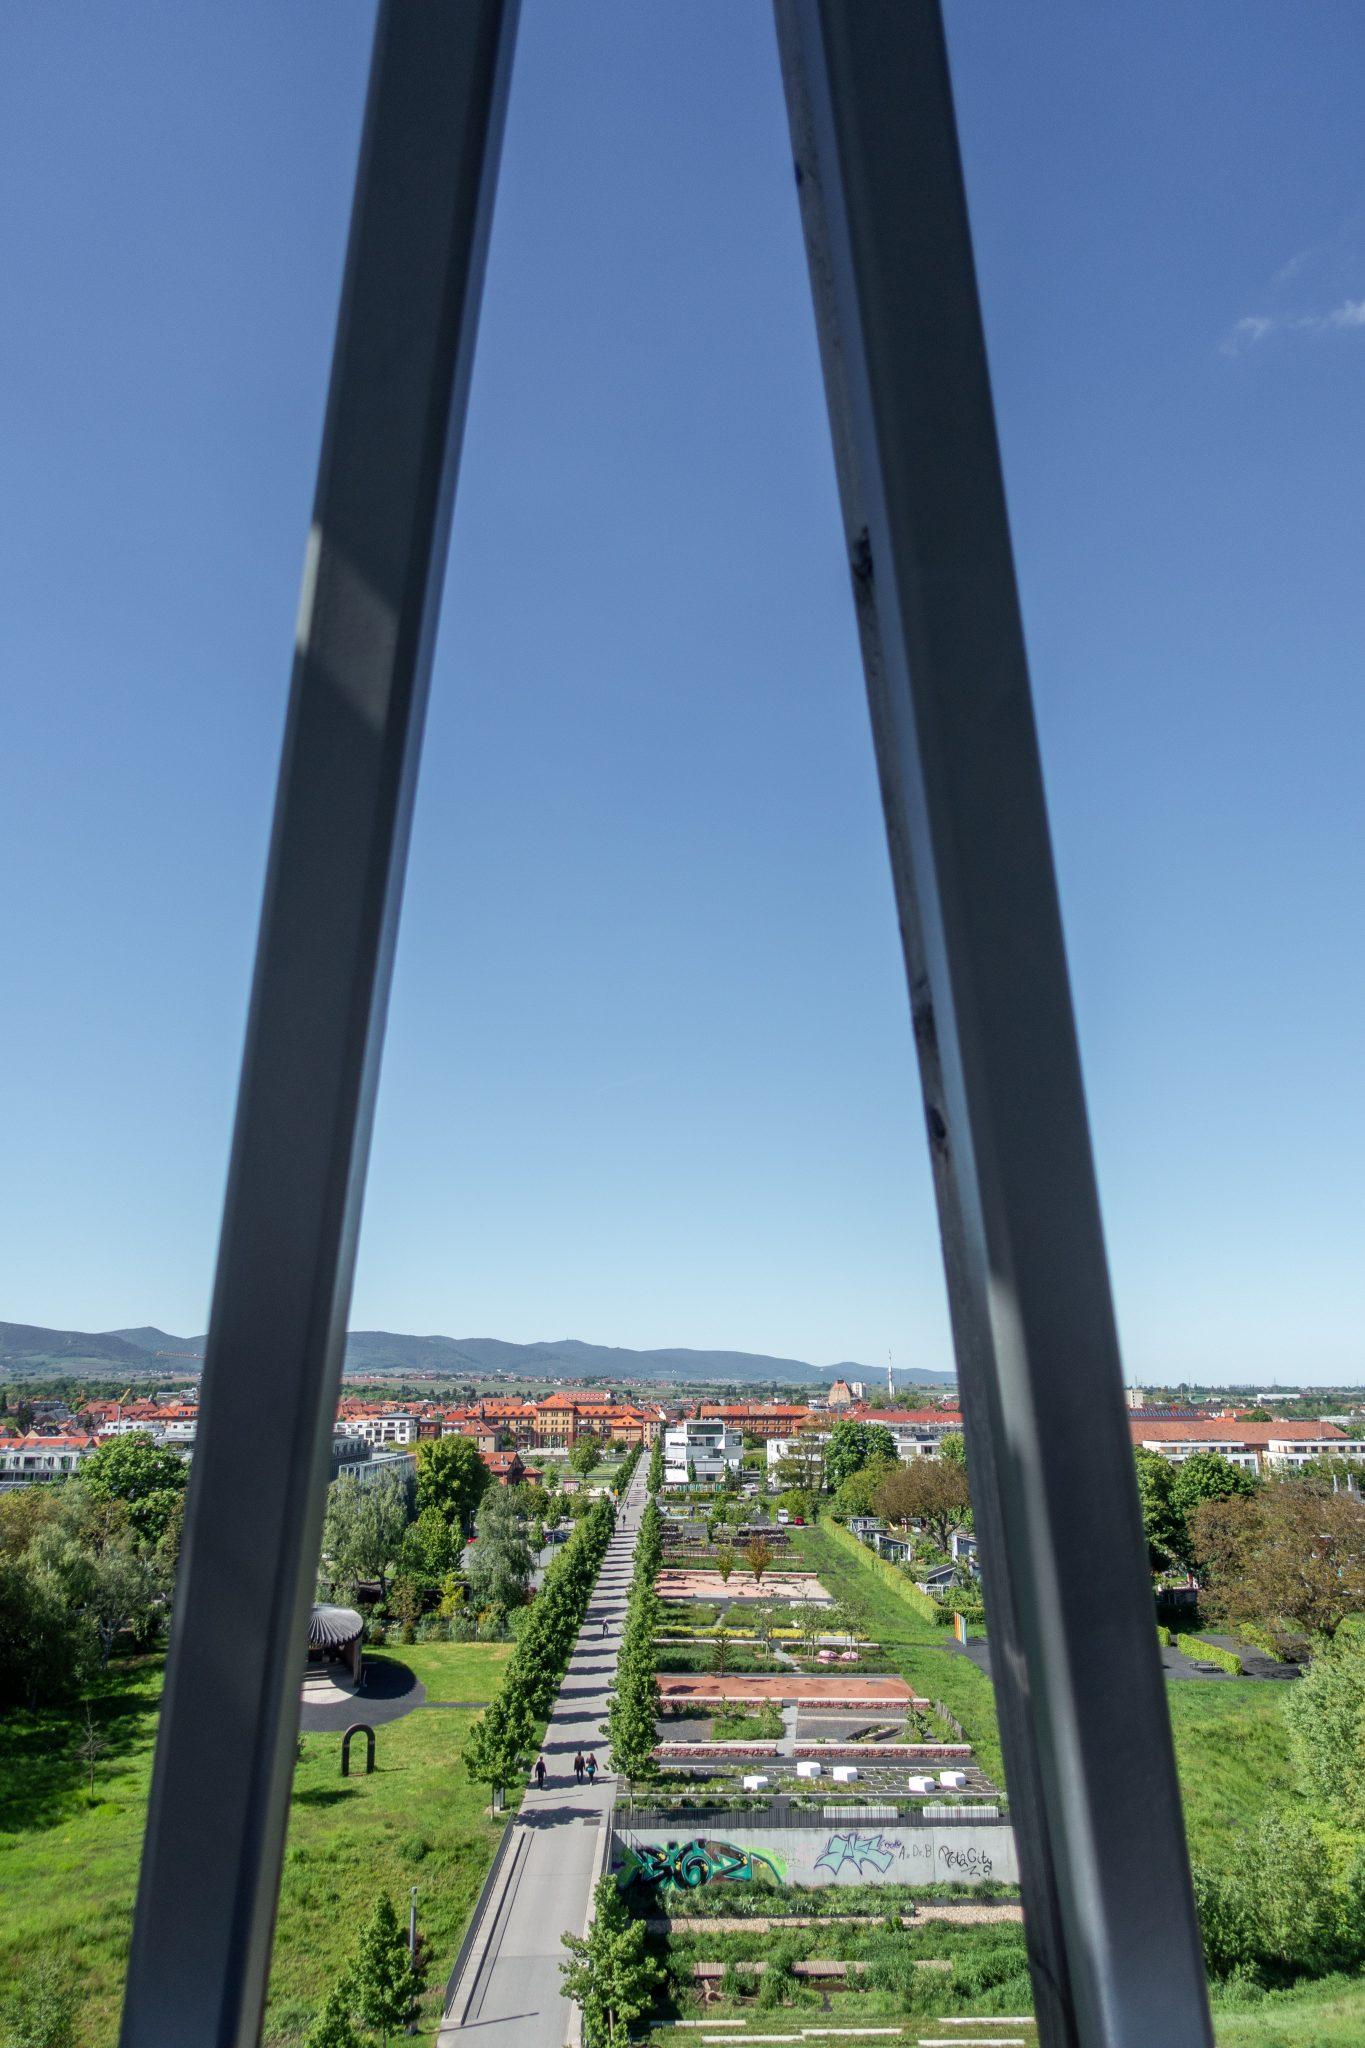 Landau-pfalz-sehenswürdigkeit-südpark-aussicht